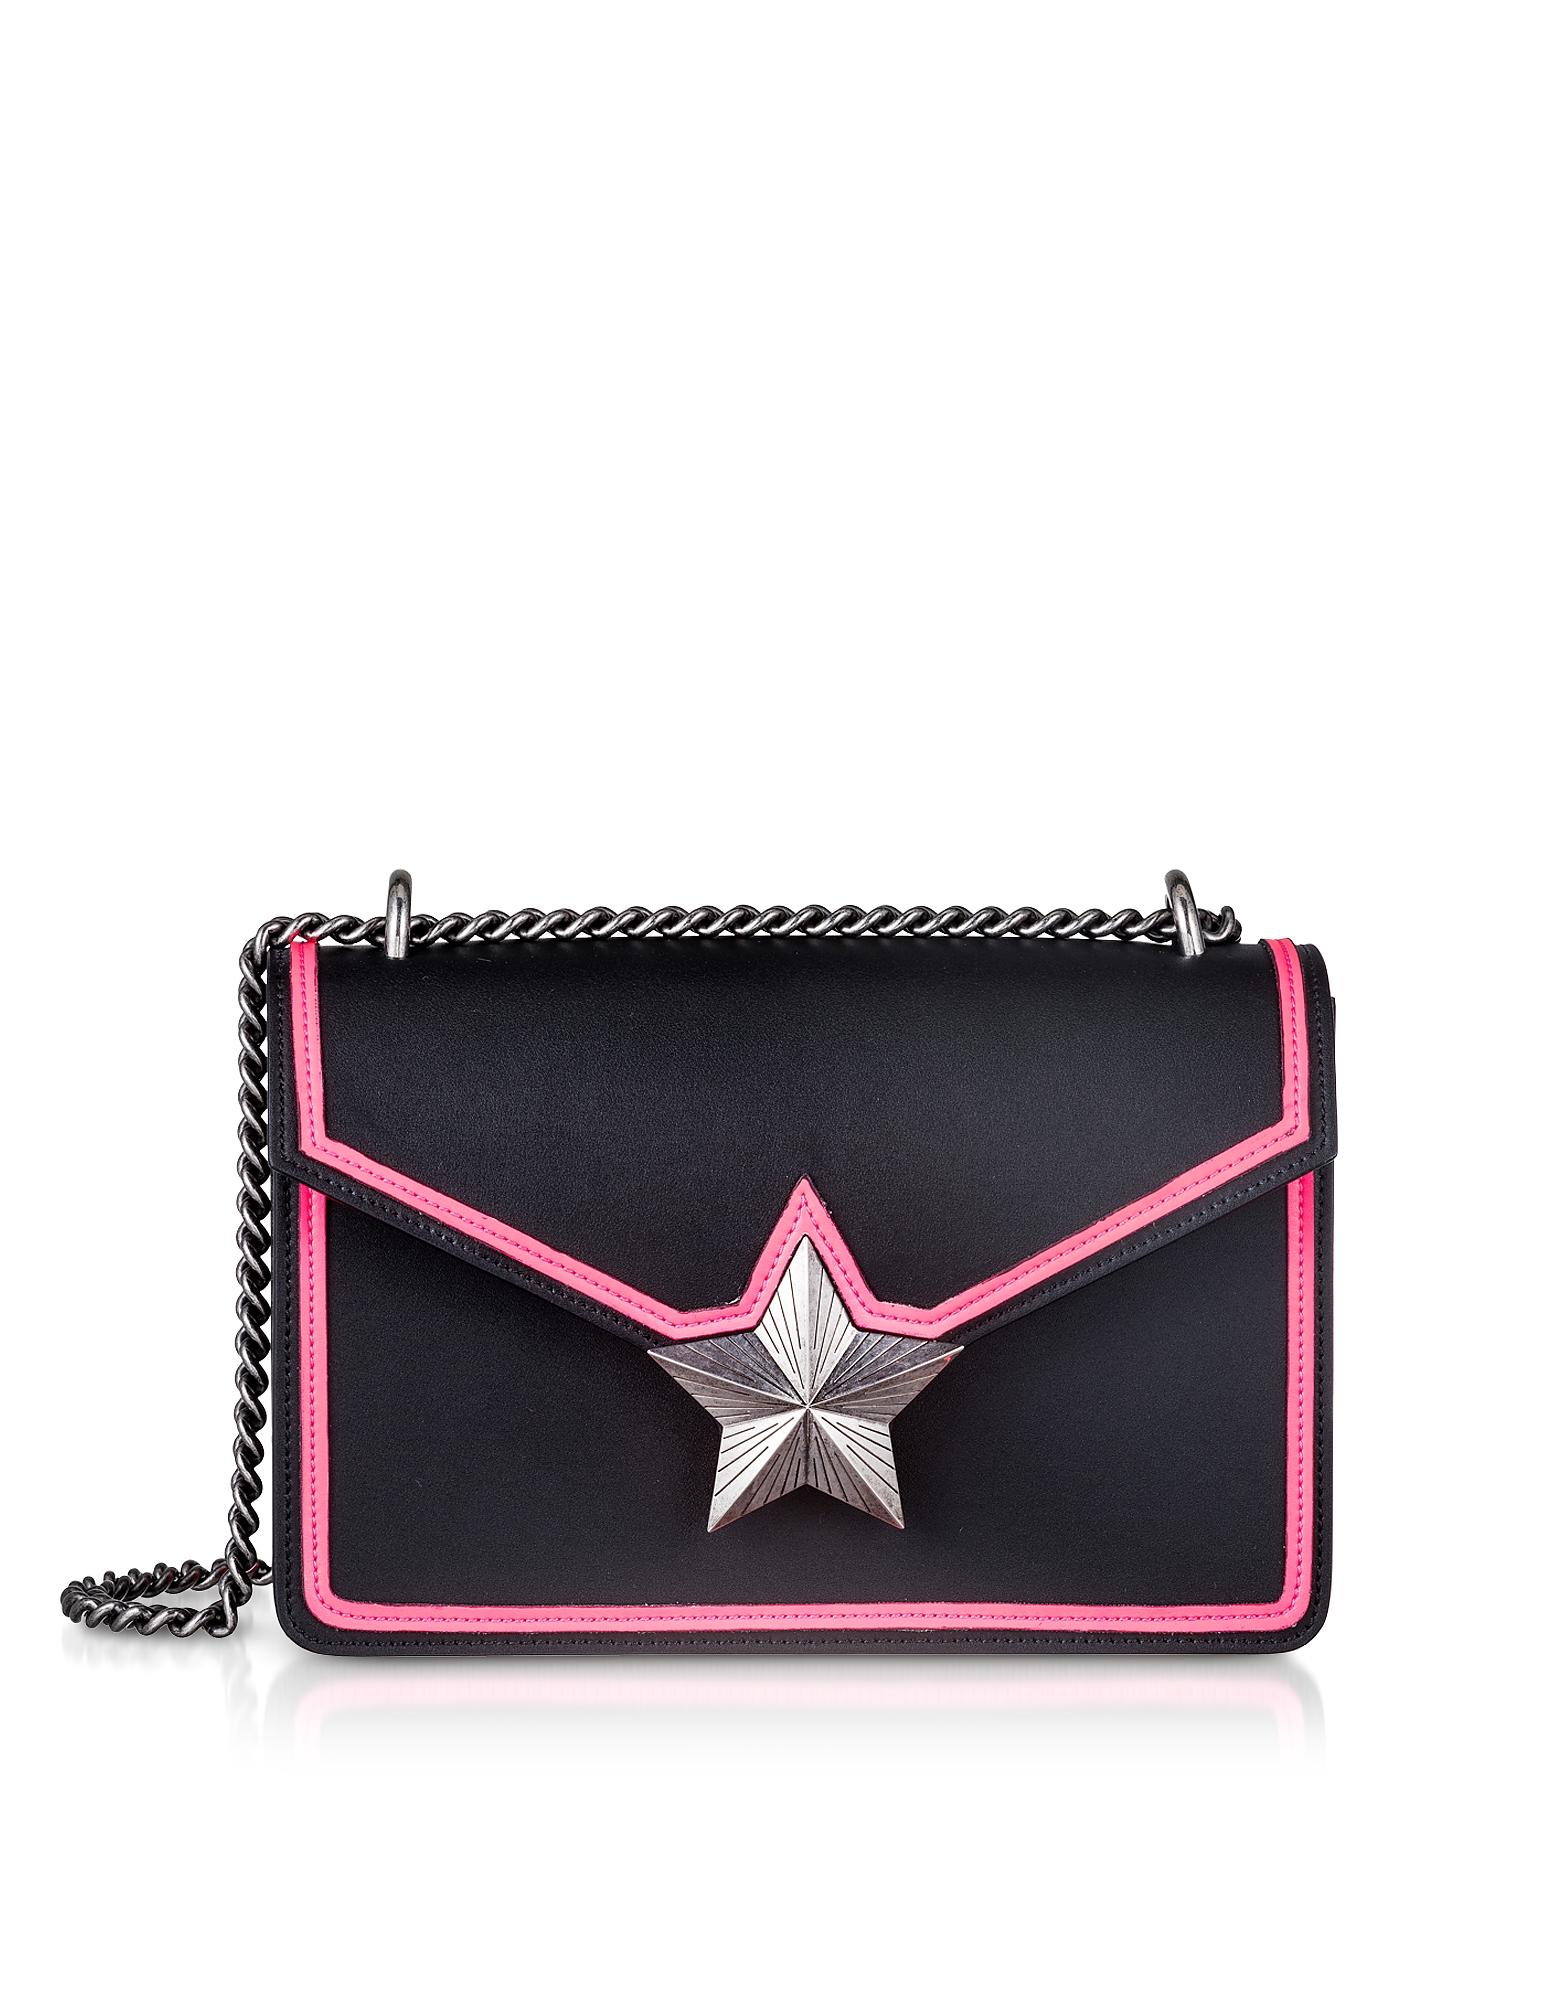 Black & Neon Pink Leather New Vega Trim Shoulder Bag